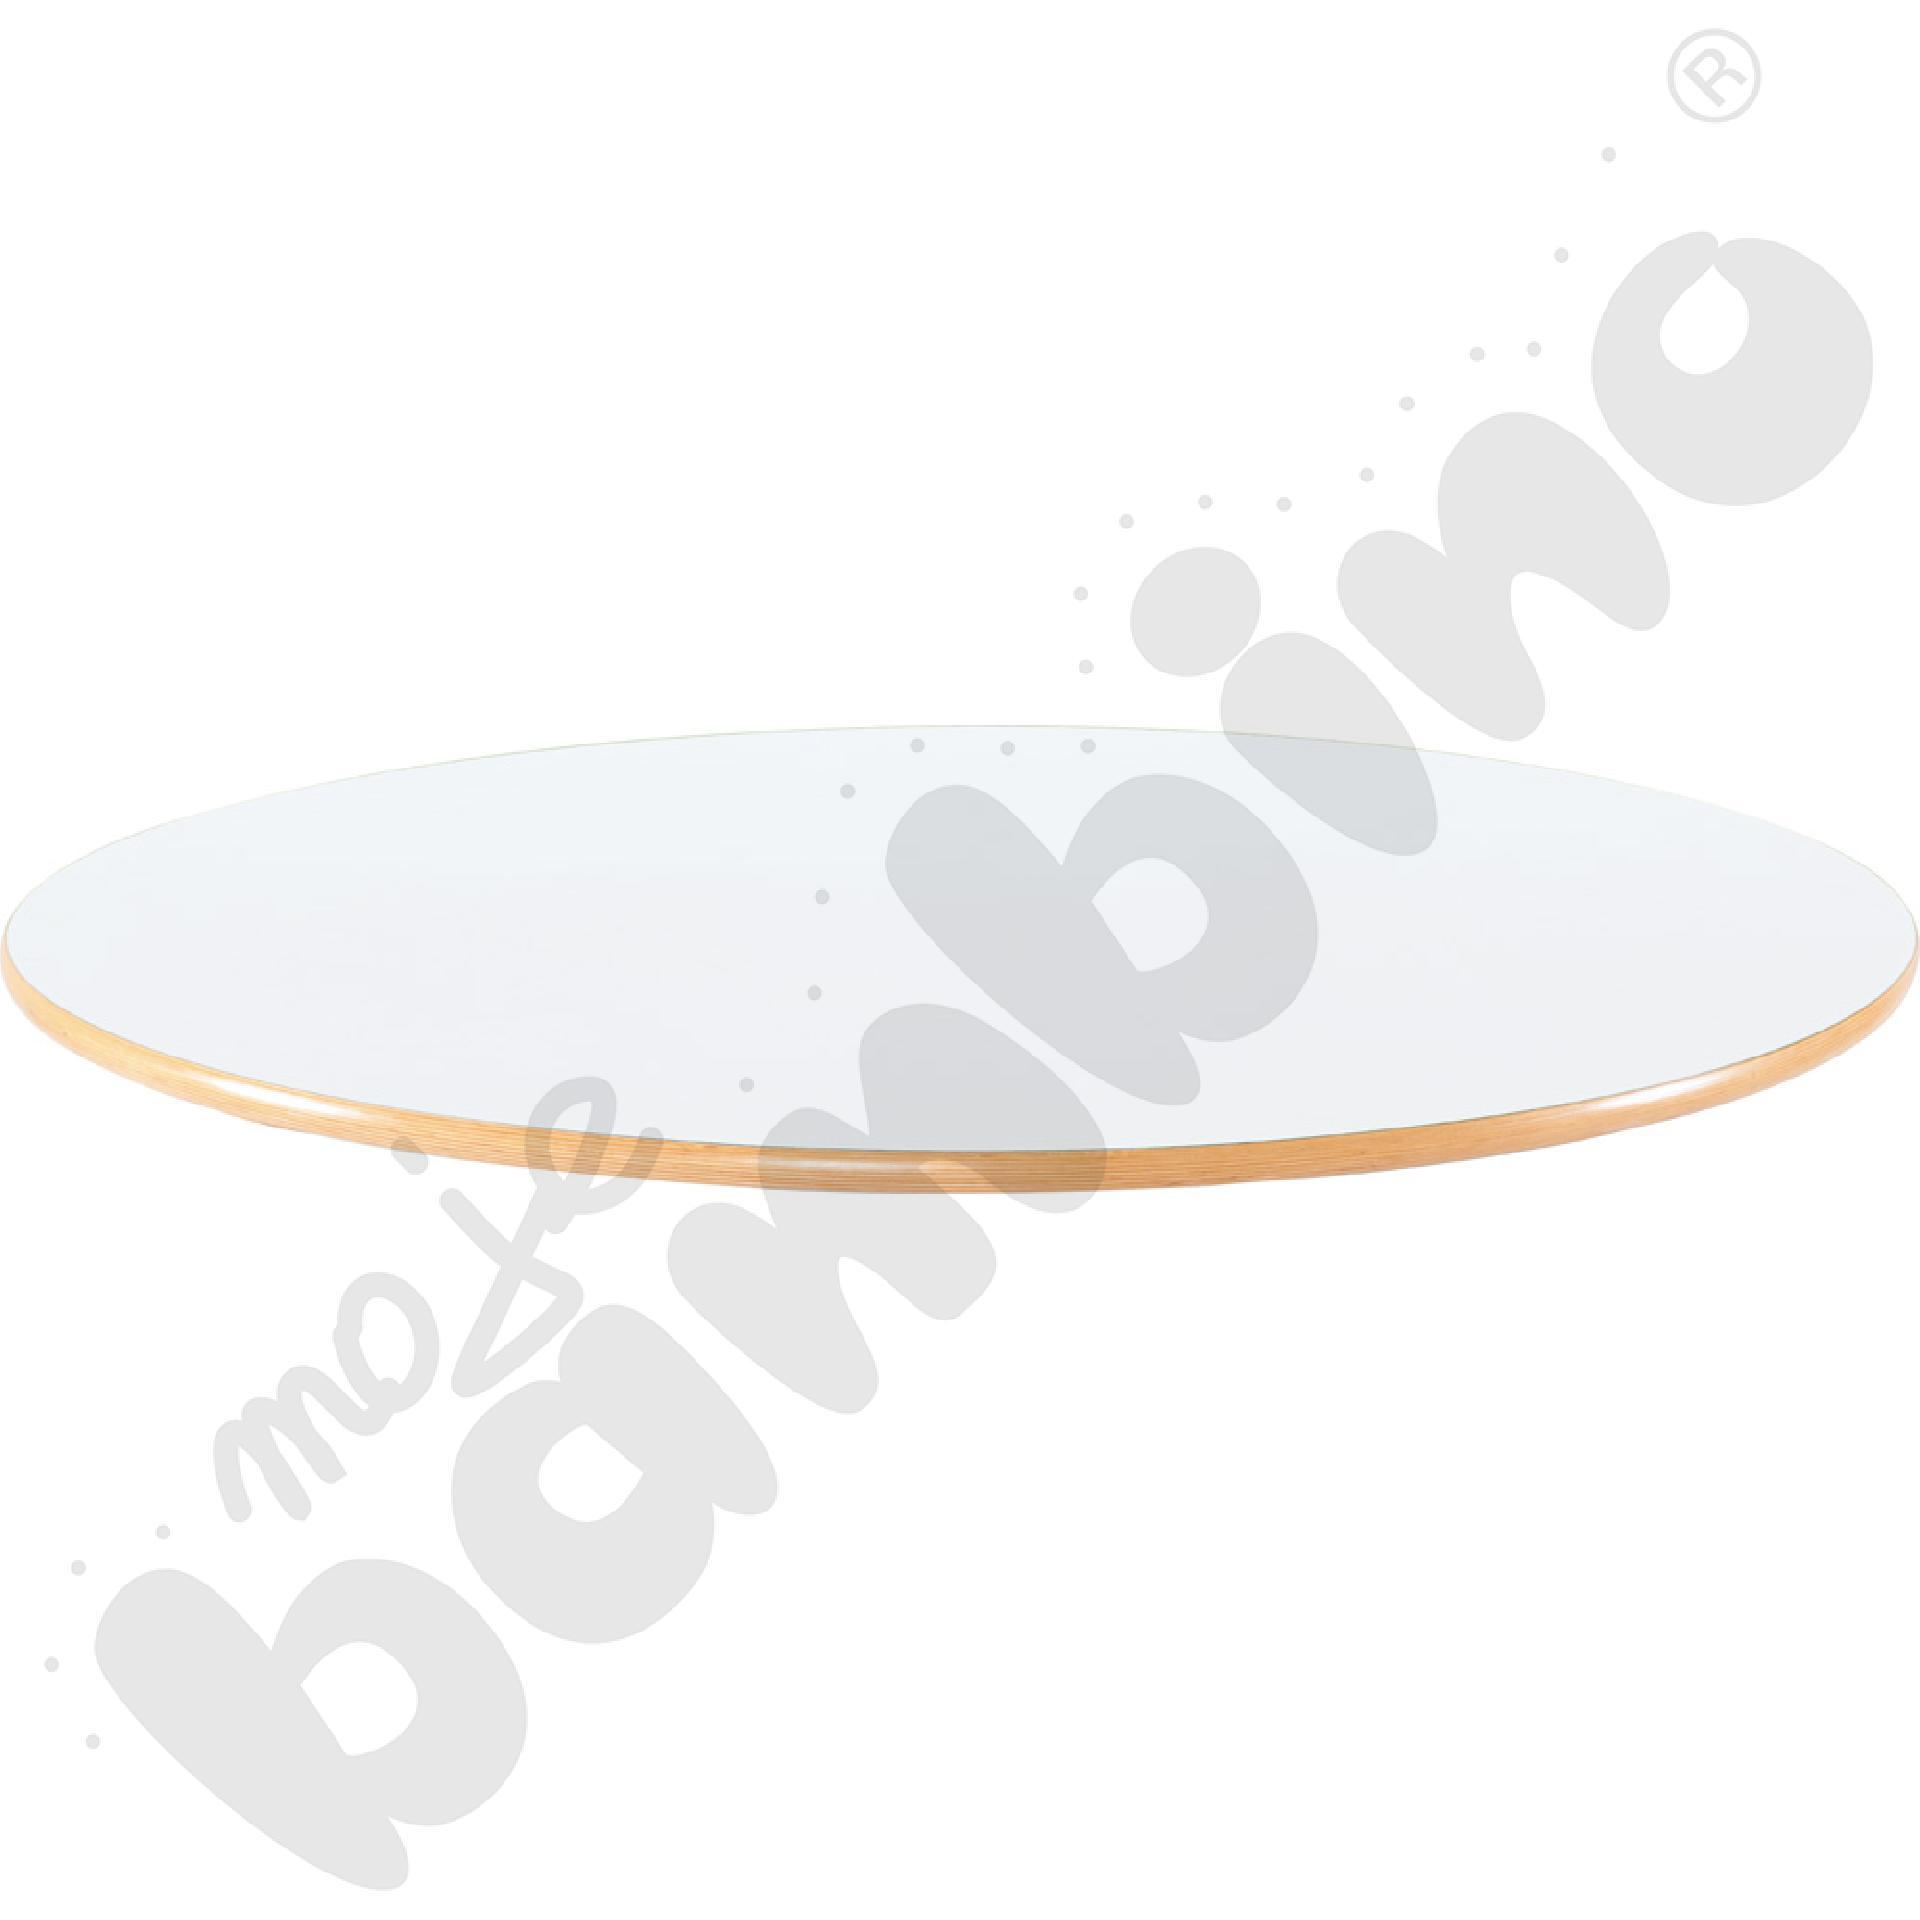 Blat Flexi okrągły - biały